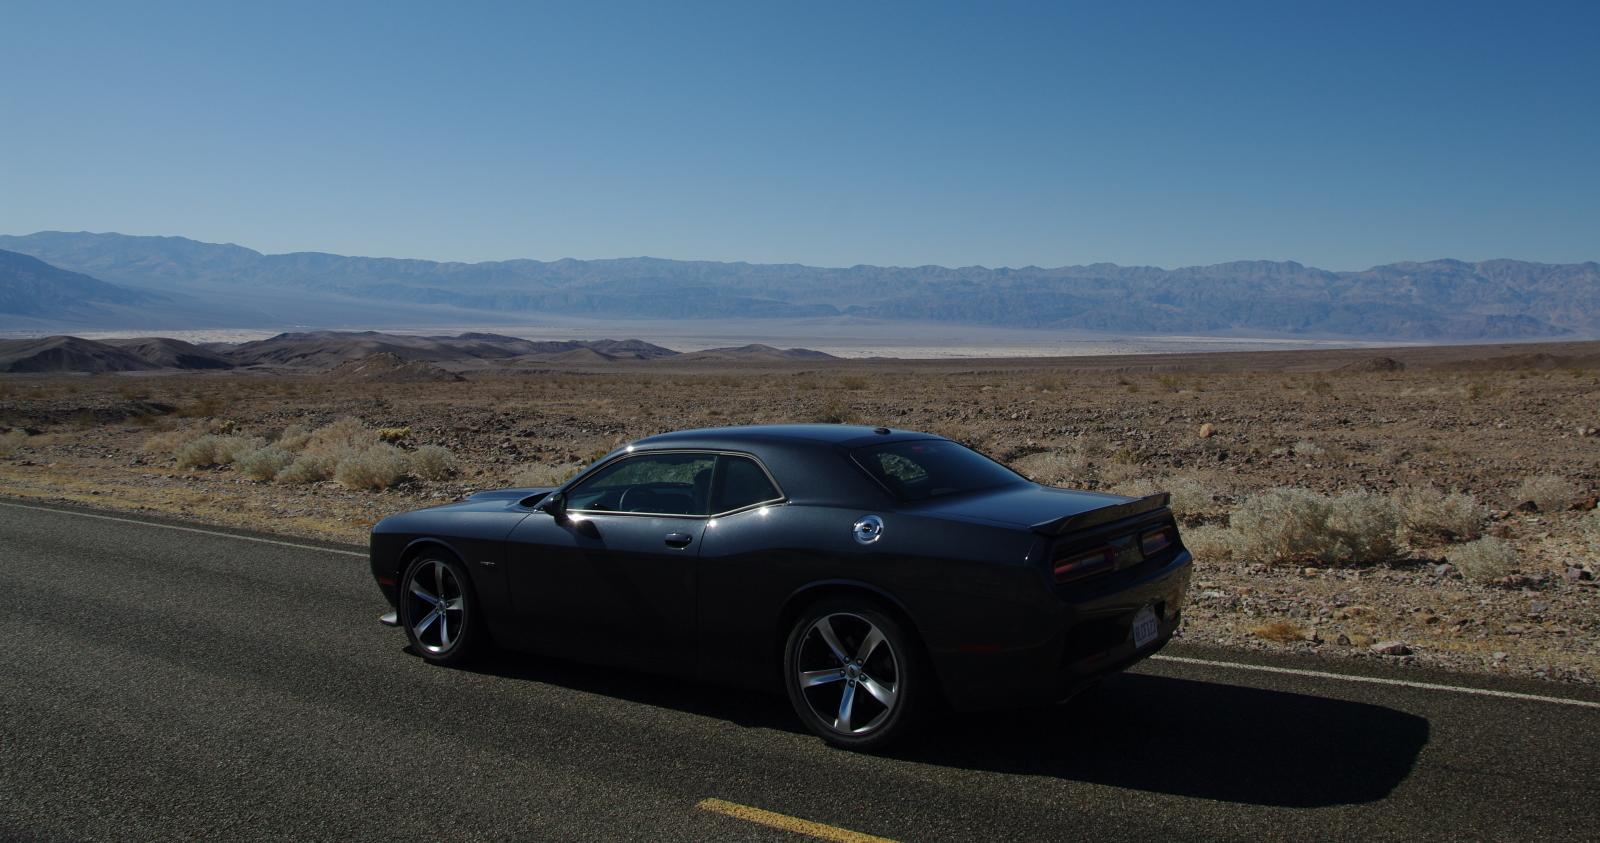 Road Trip / Ouest des USA en Challenger de location -Part II Imgpk244